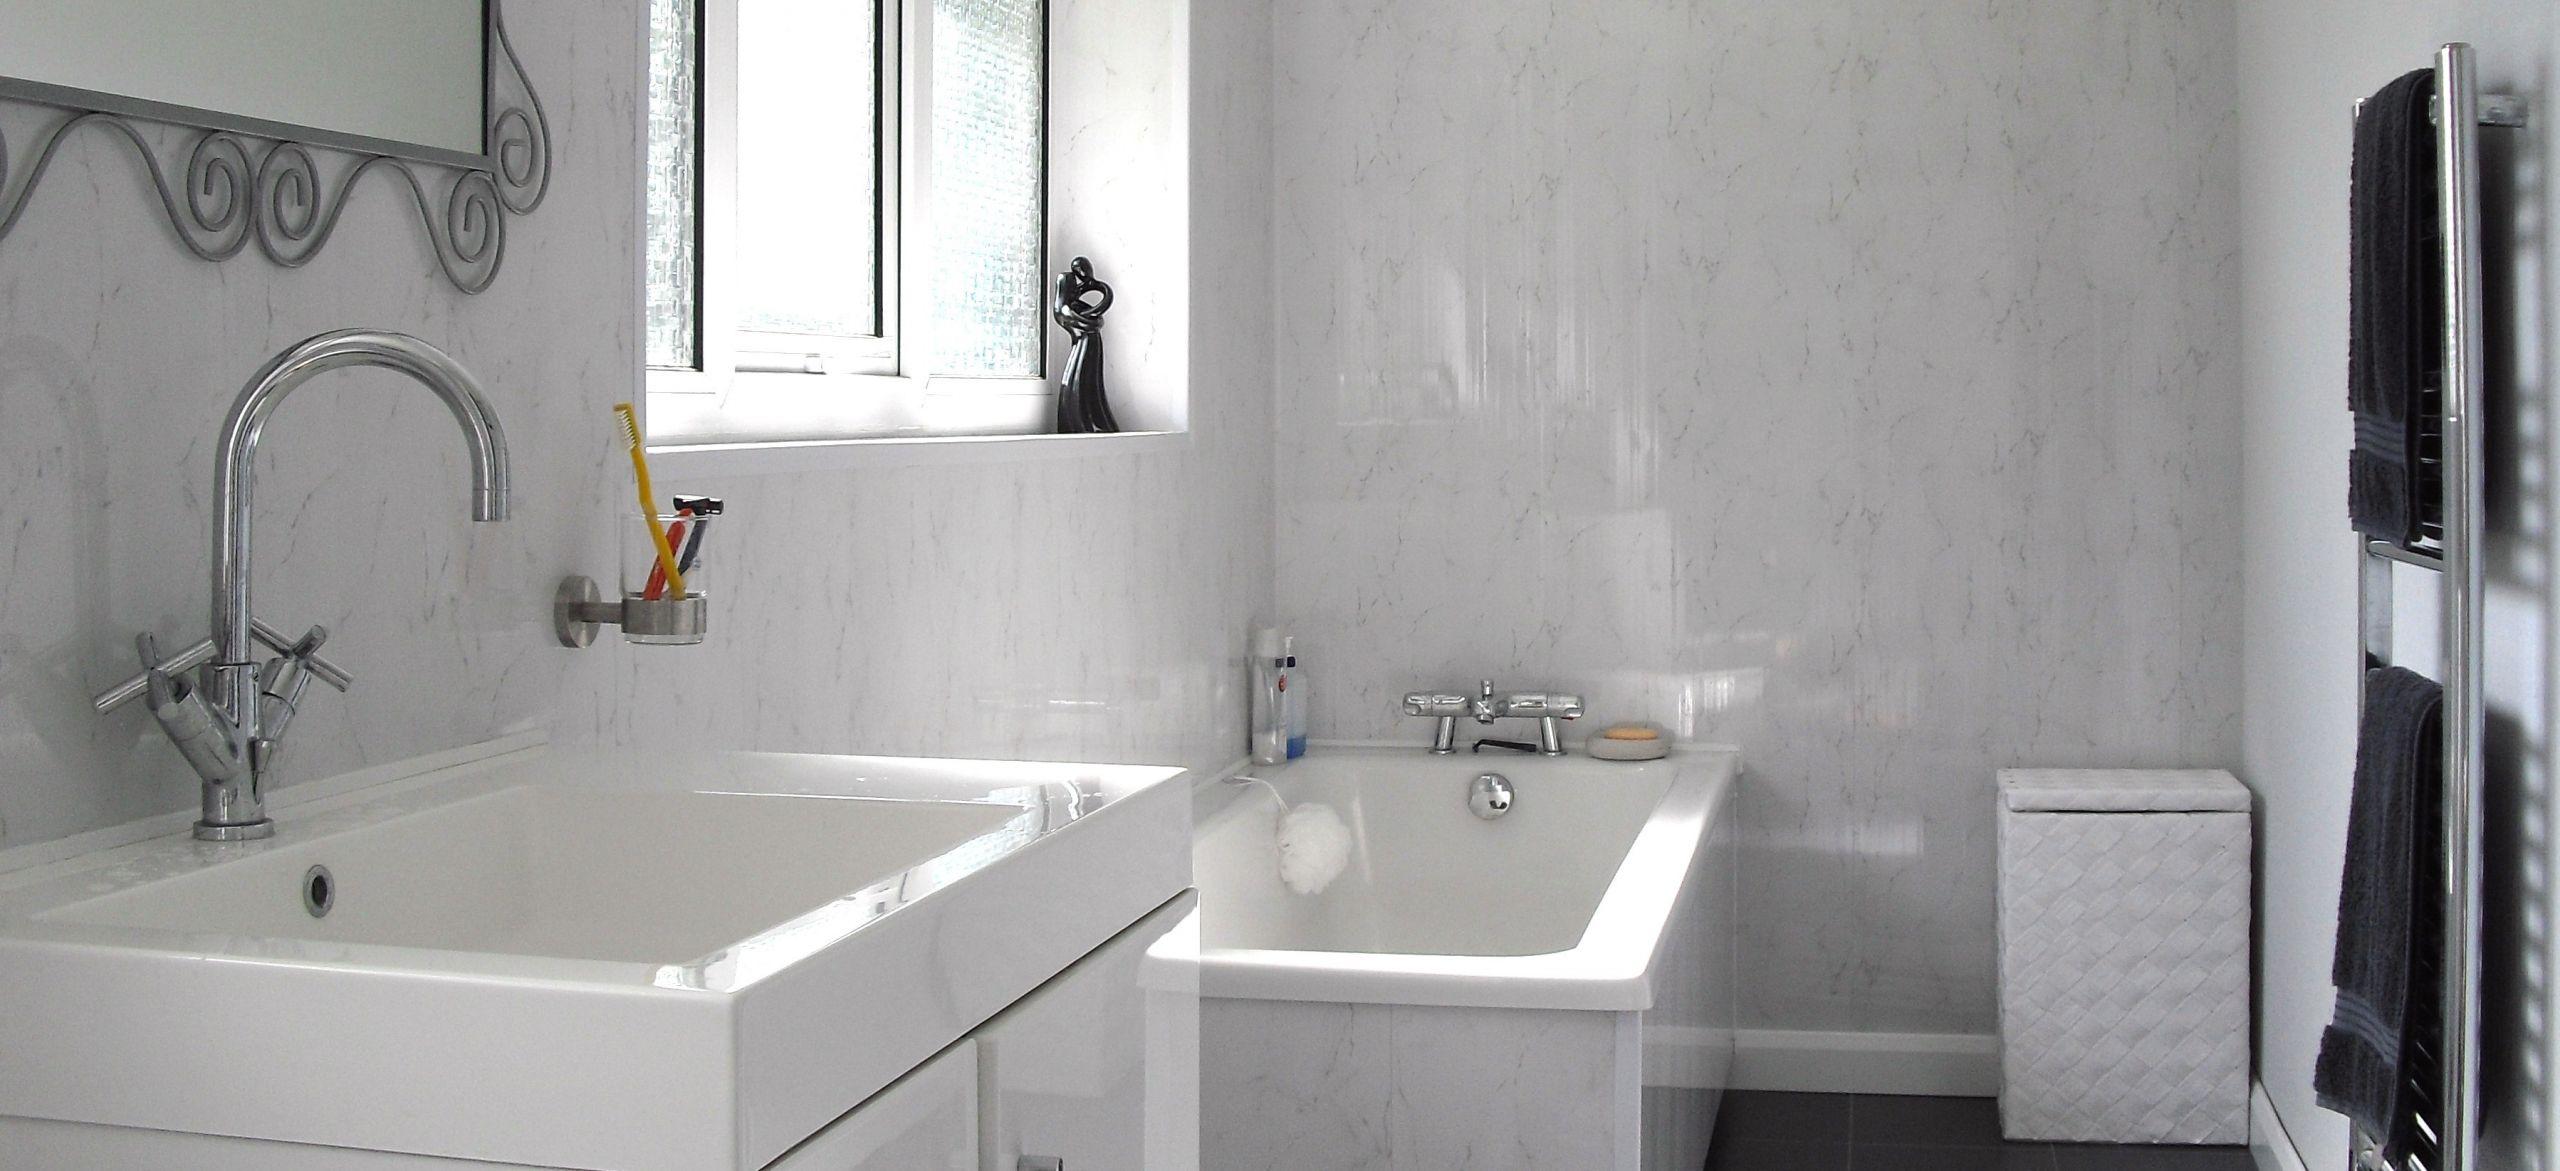 Wallboard For Bathroom  Panels For Bathroom Walls The Bathroom Marquee